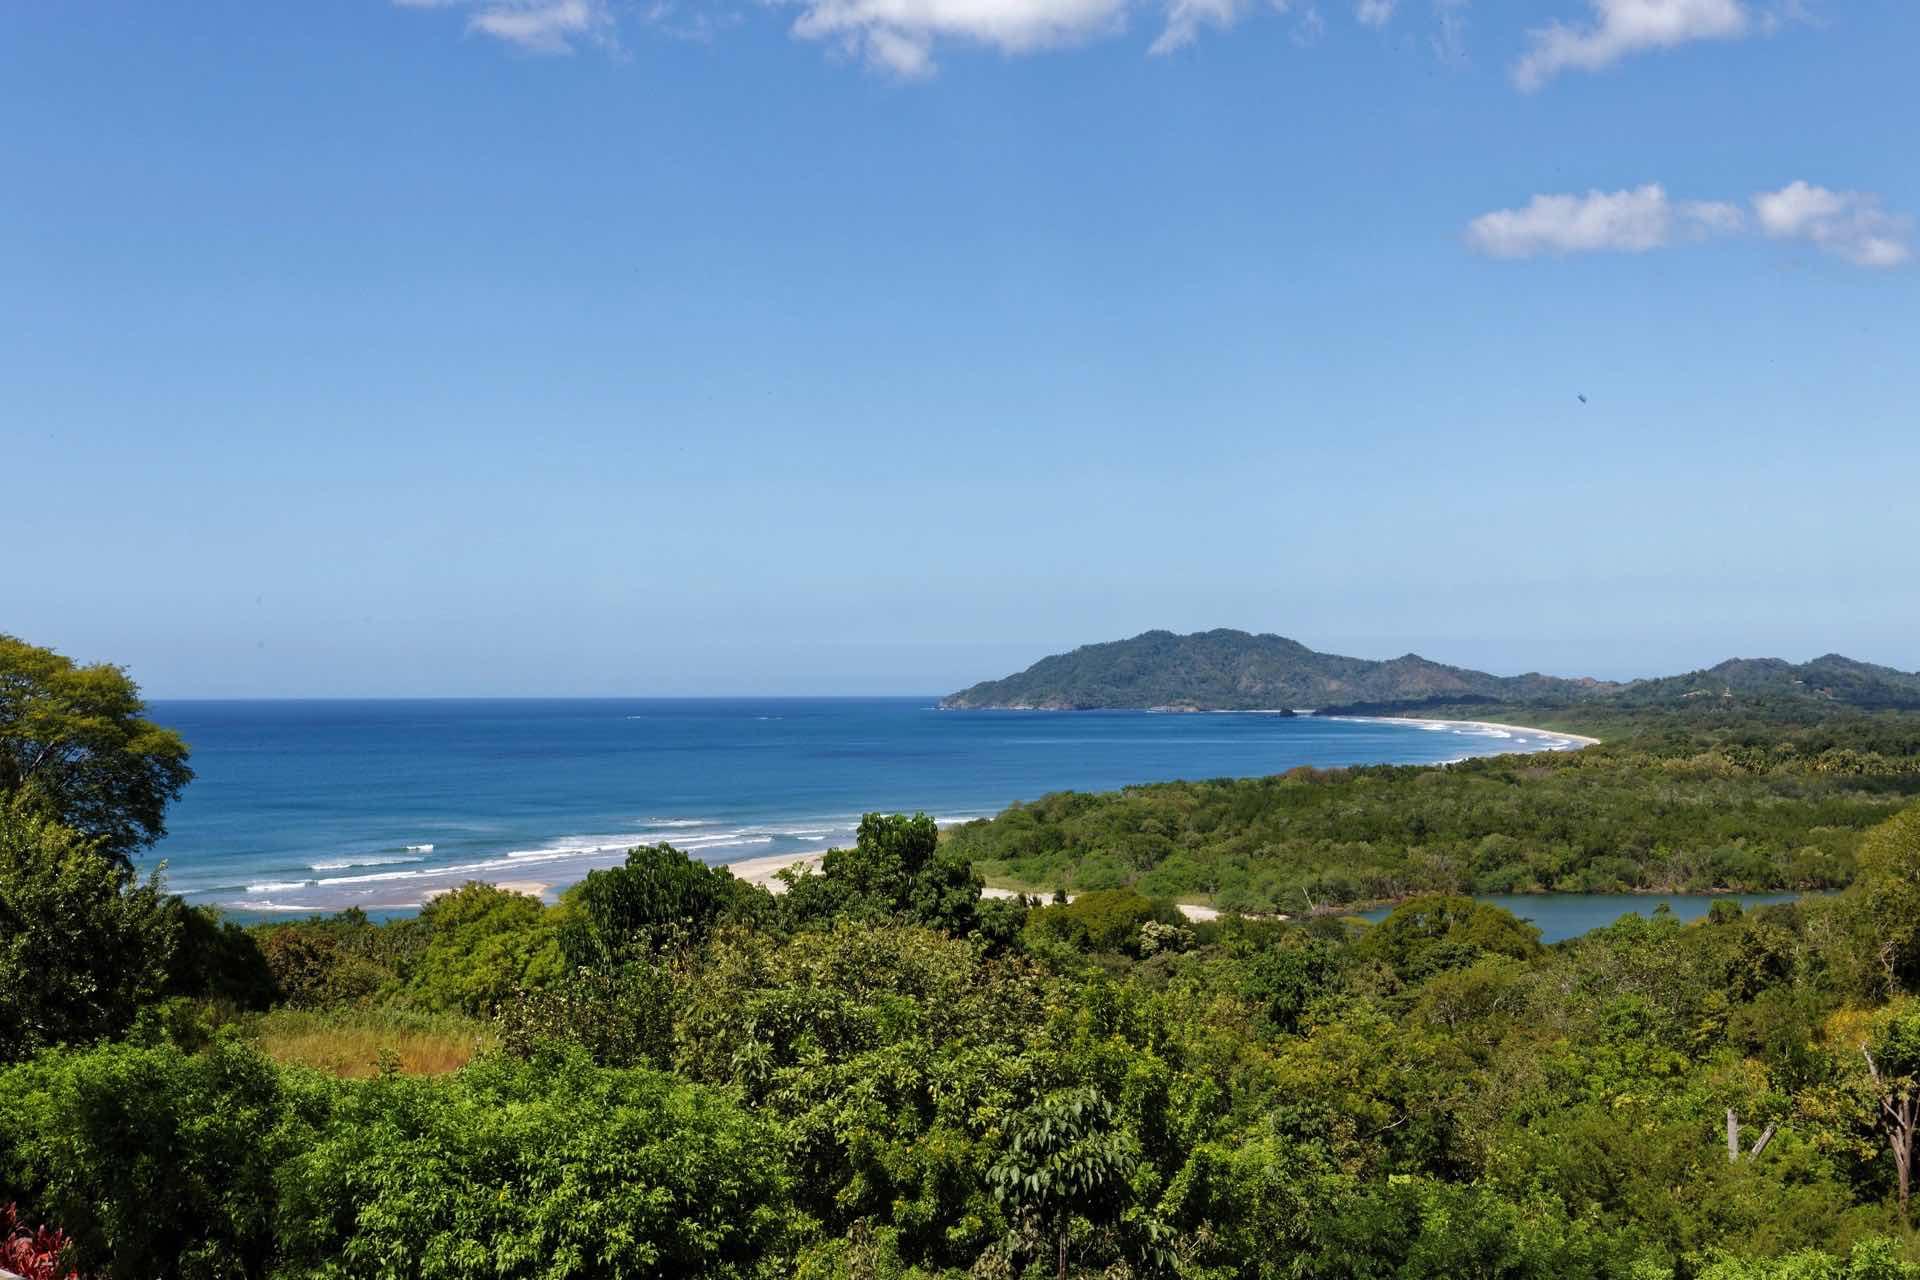 View of Tamarindo Bay and Las Baulas estuary